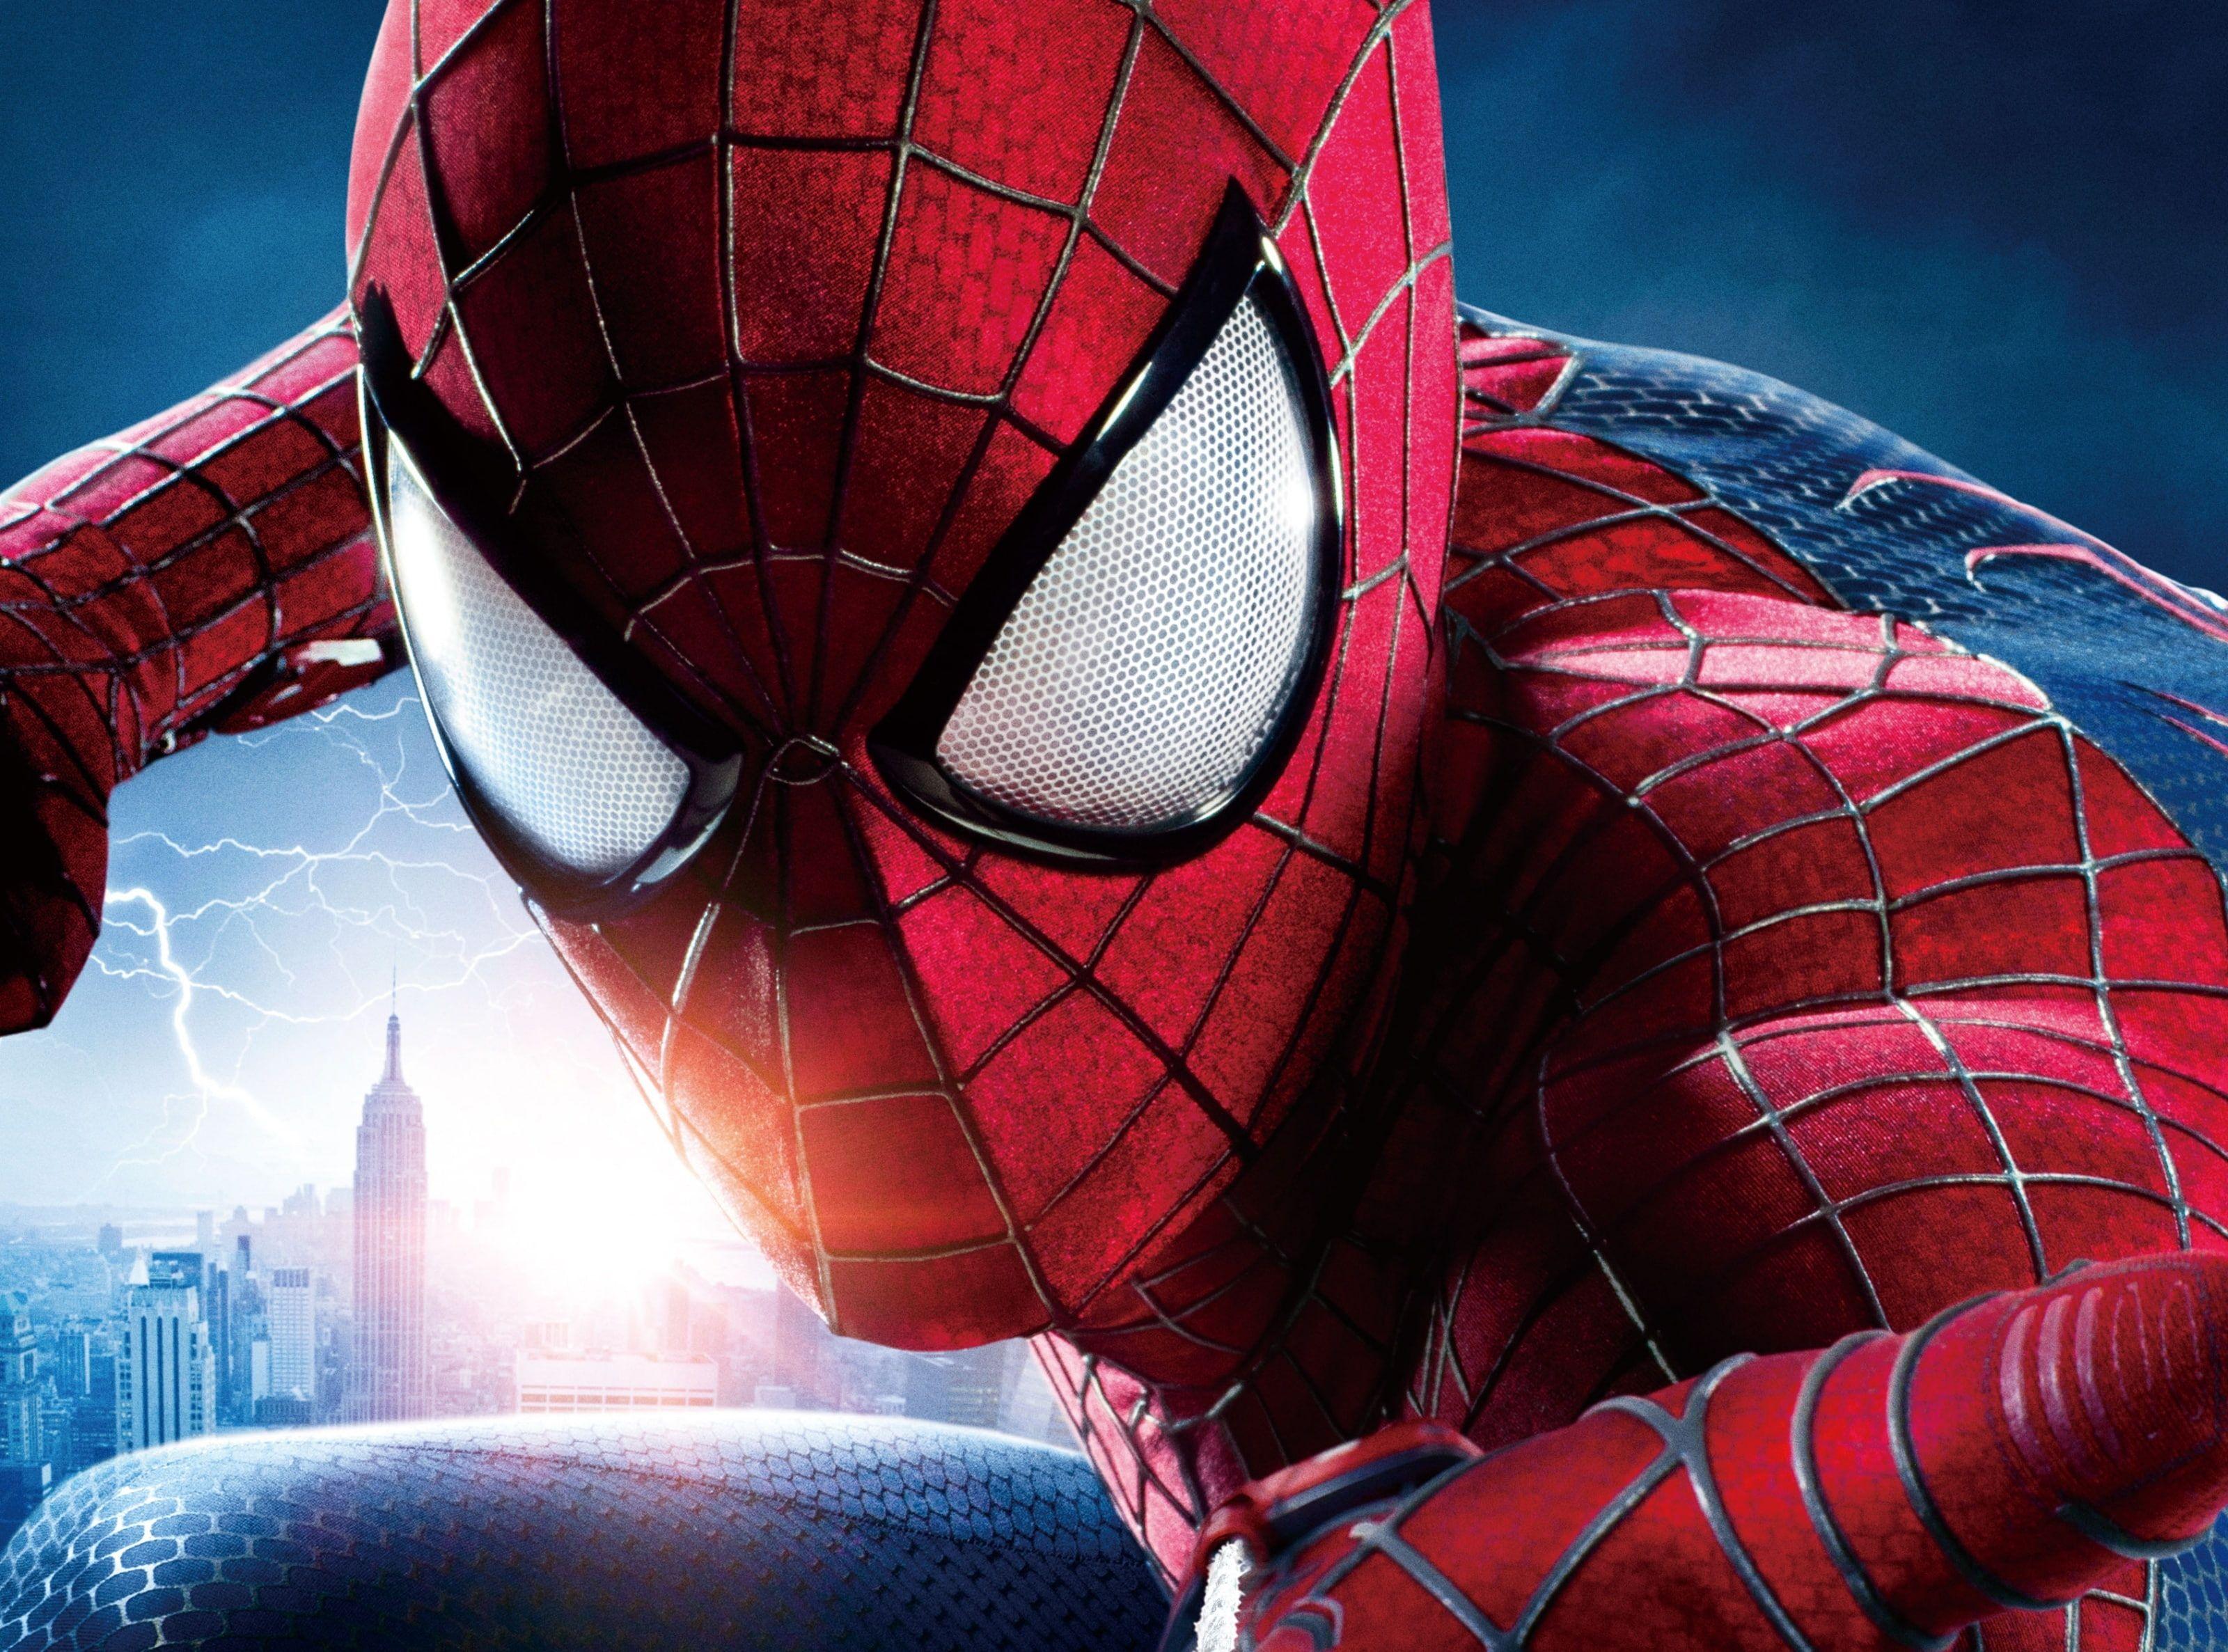 The Amazing Spider Man 2 2014 Andrew Garfield Marvel Spider Man